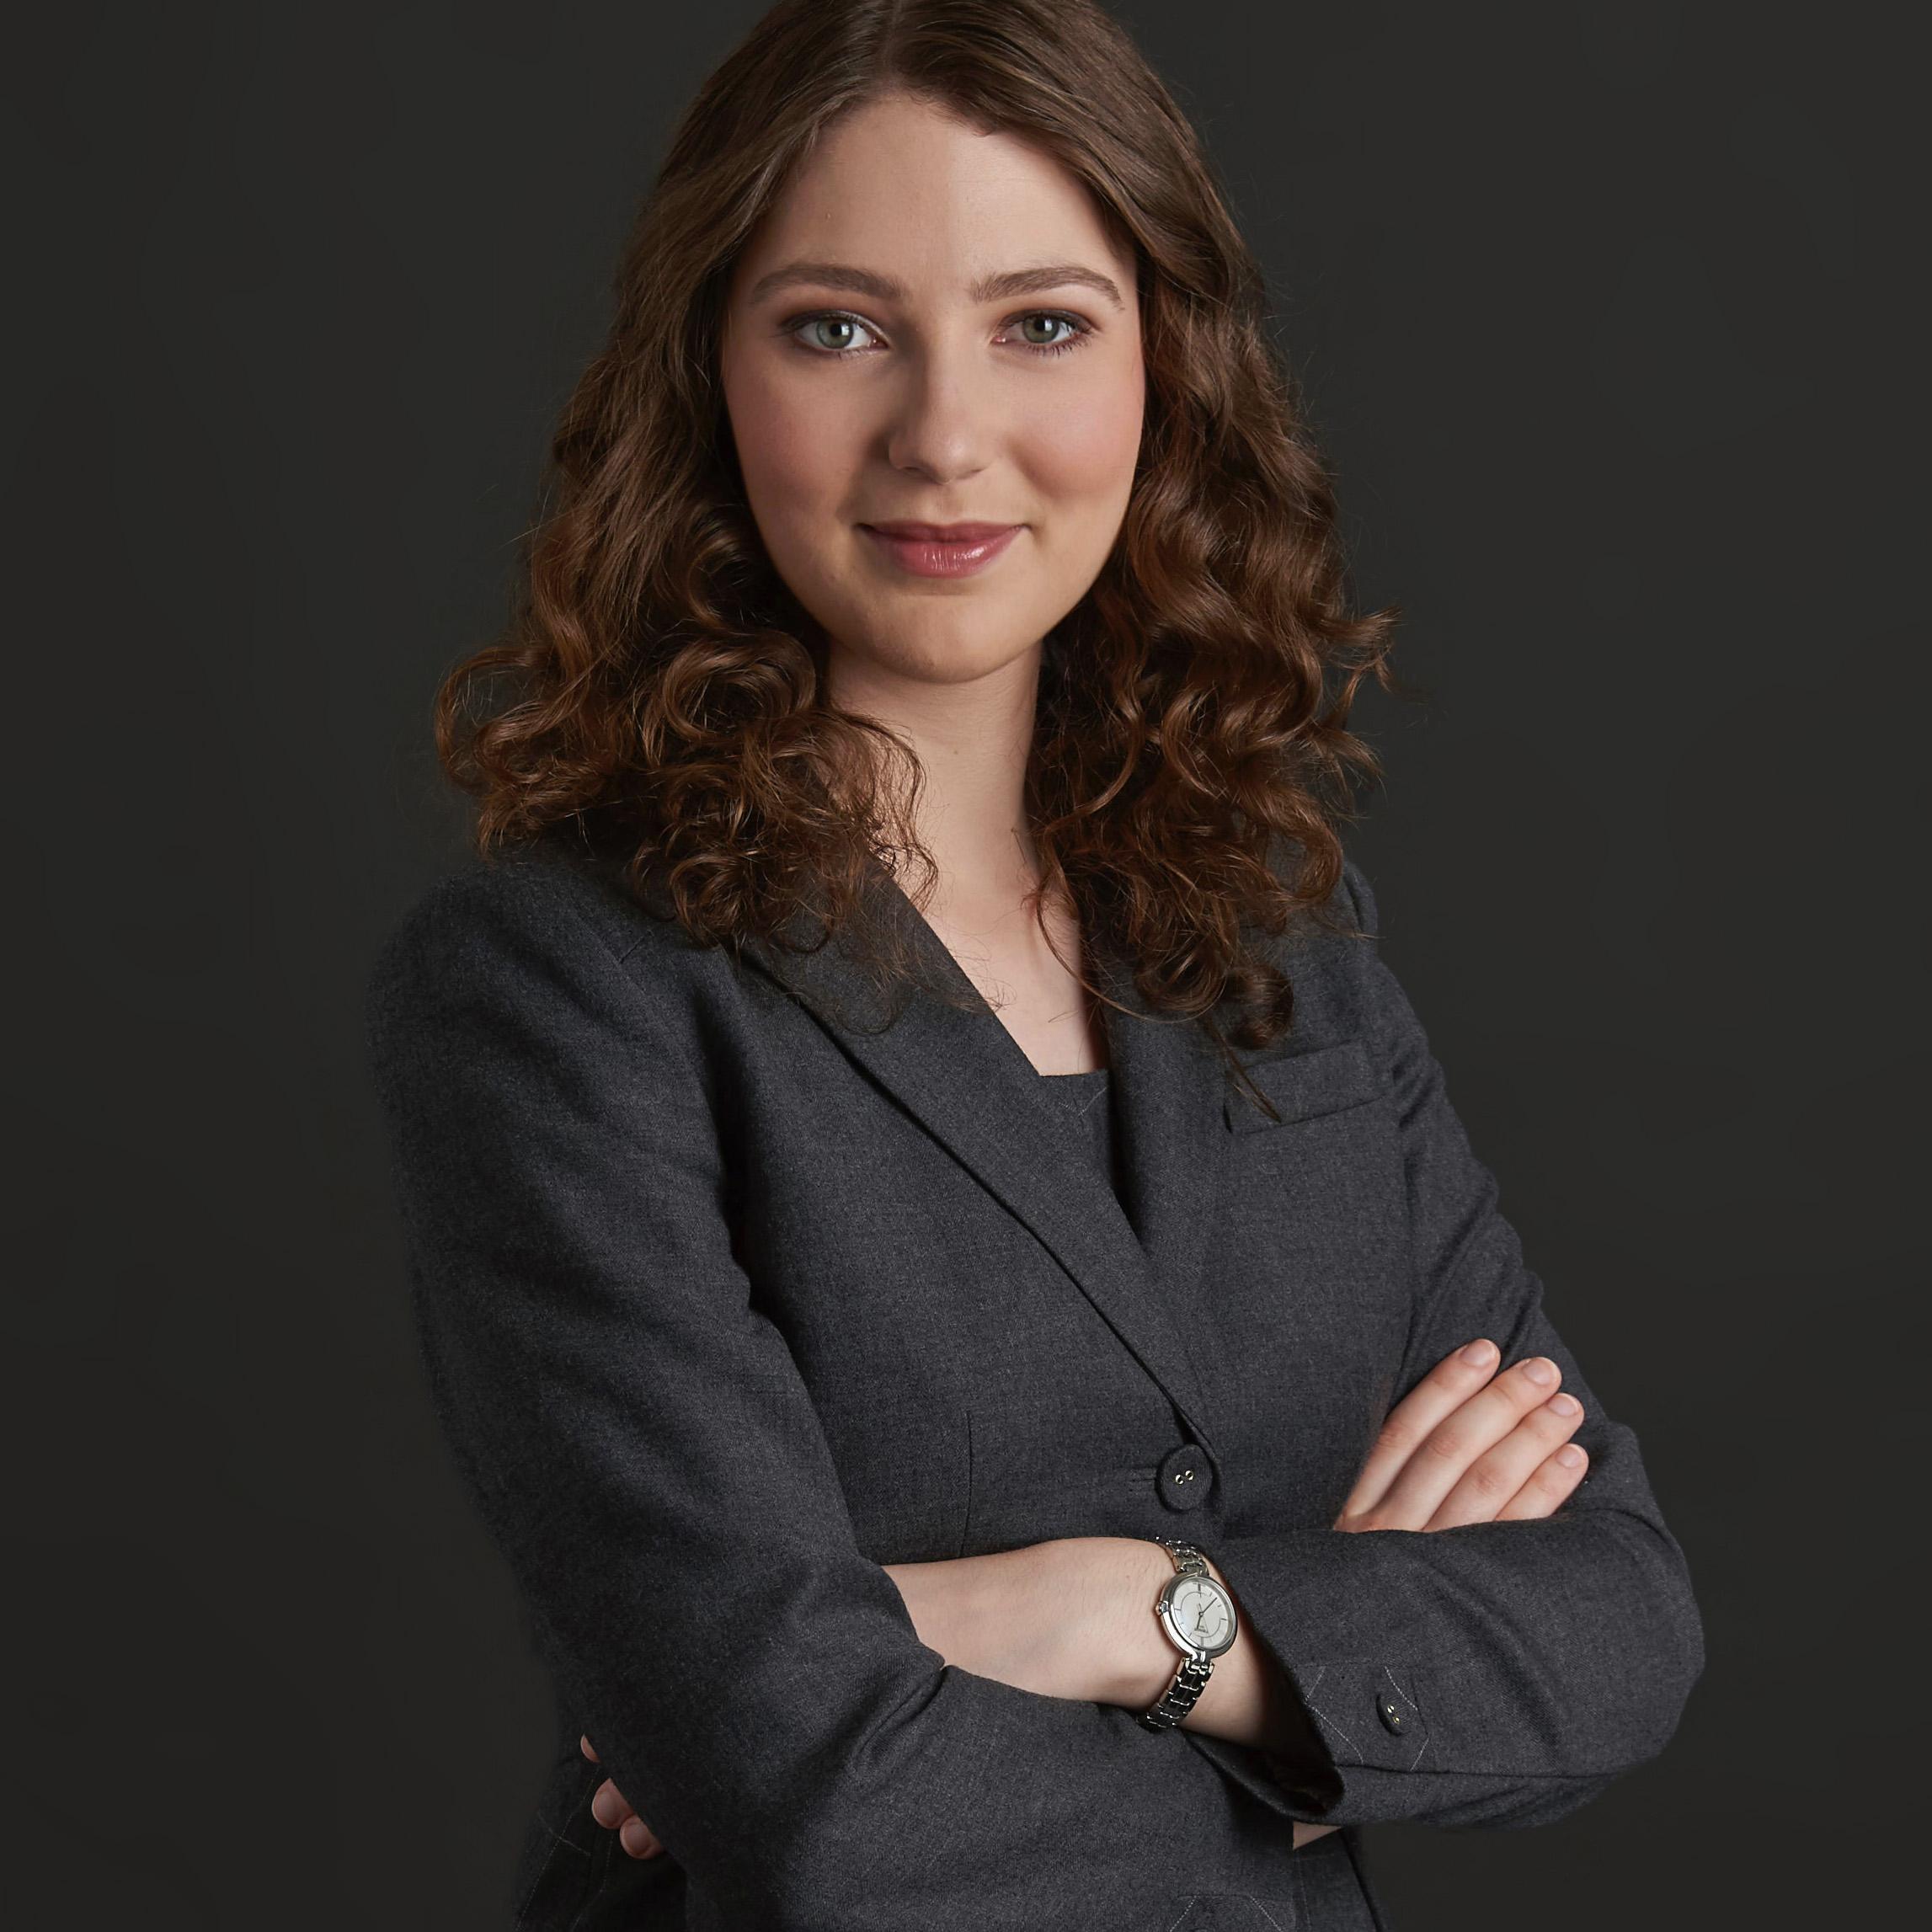 Marianne Schonle